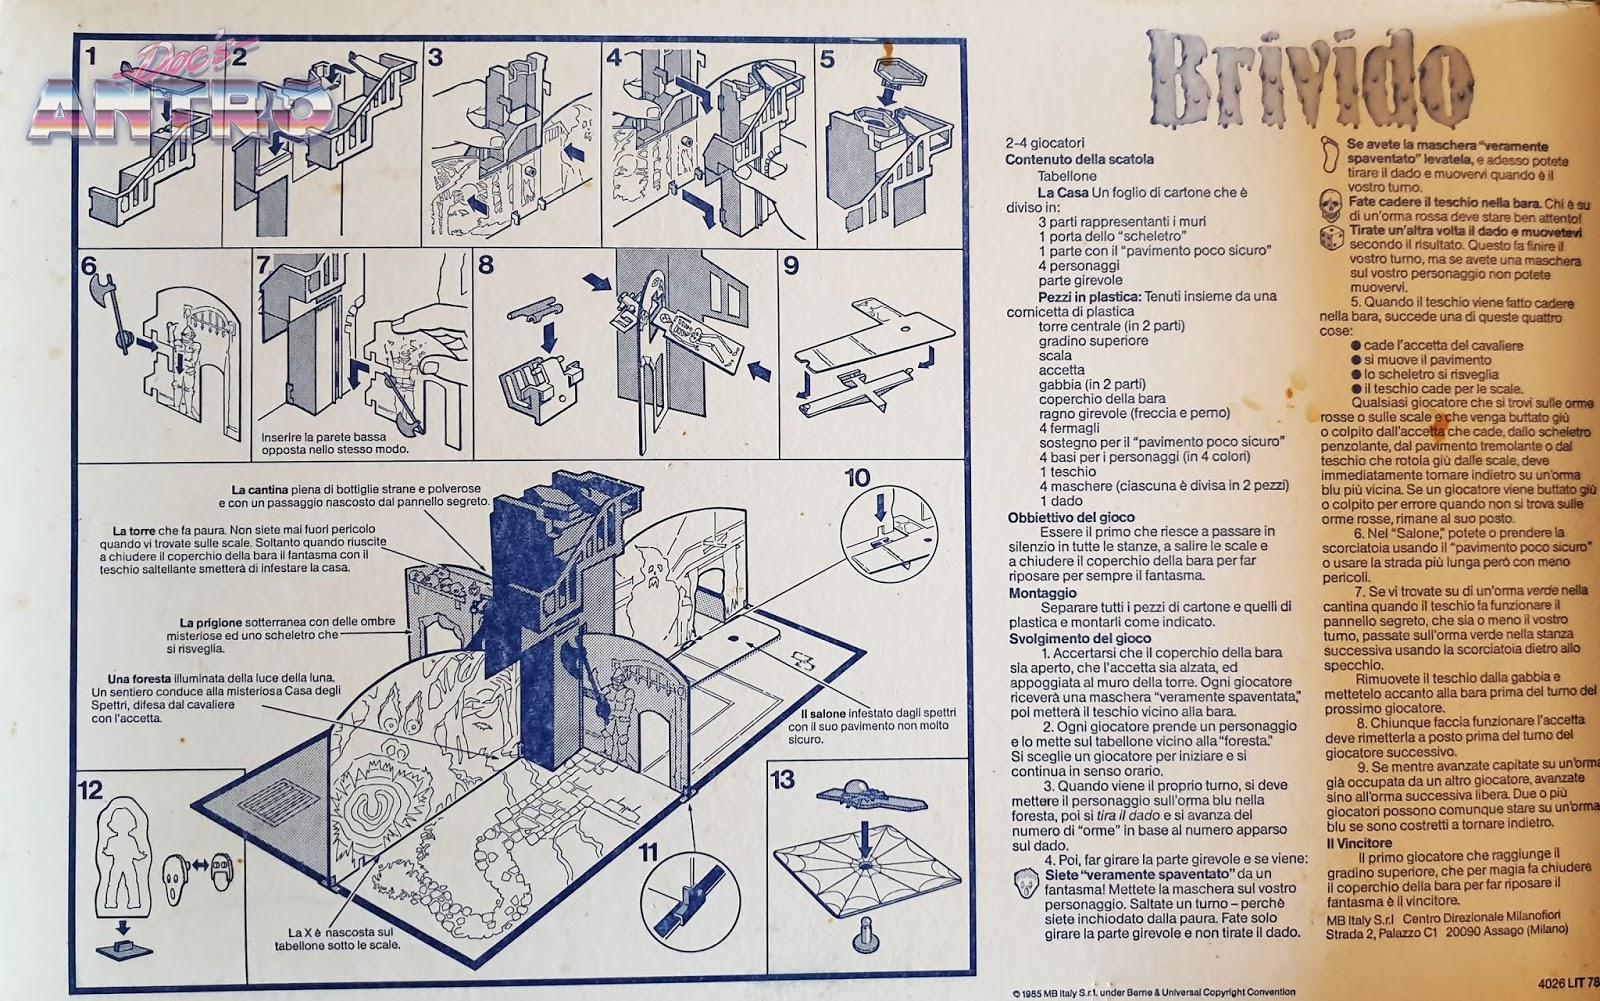 Brivido MB antro regolamento gioco da tavolo 1985